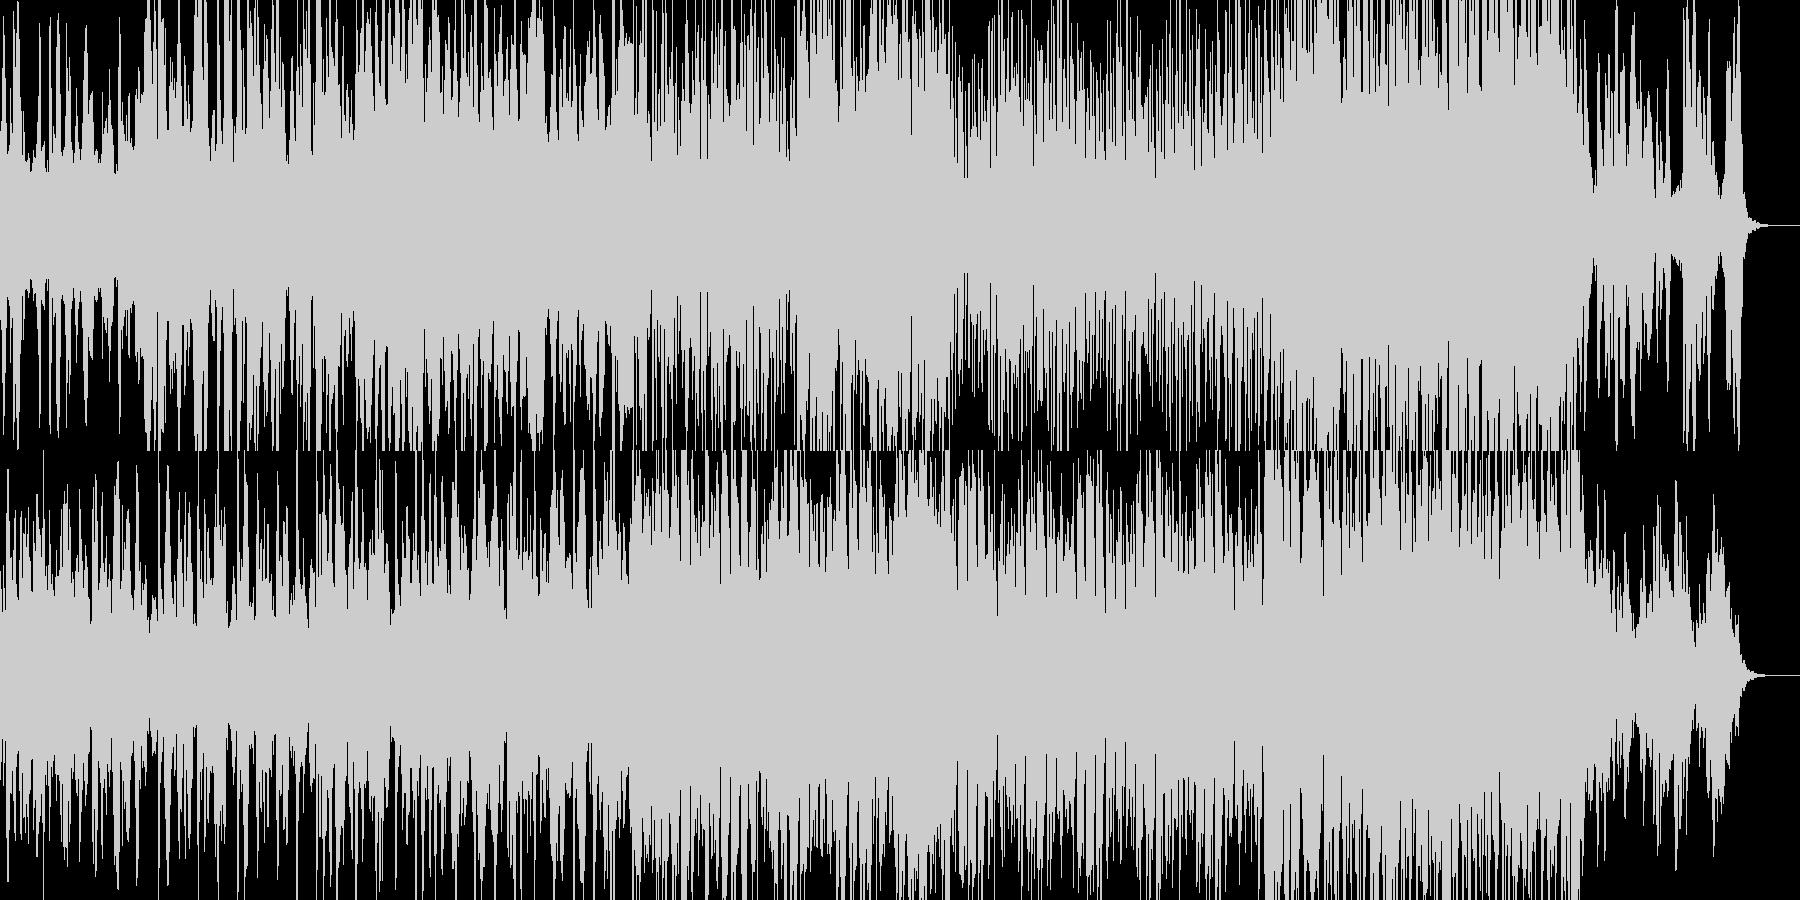 ミステリアスでビート感のあるBGMの未再生の波形